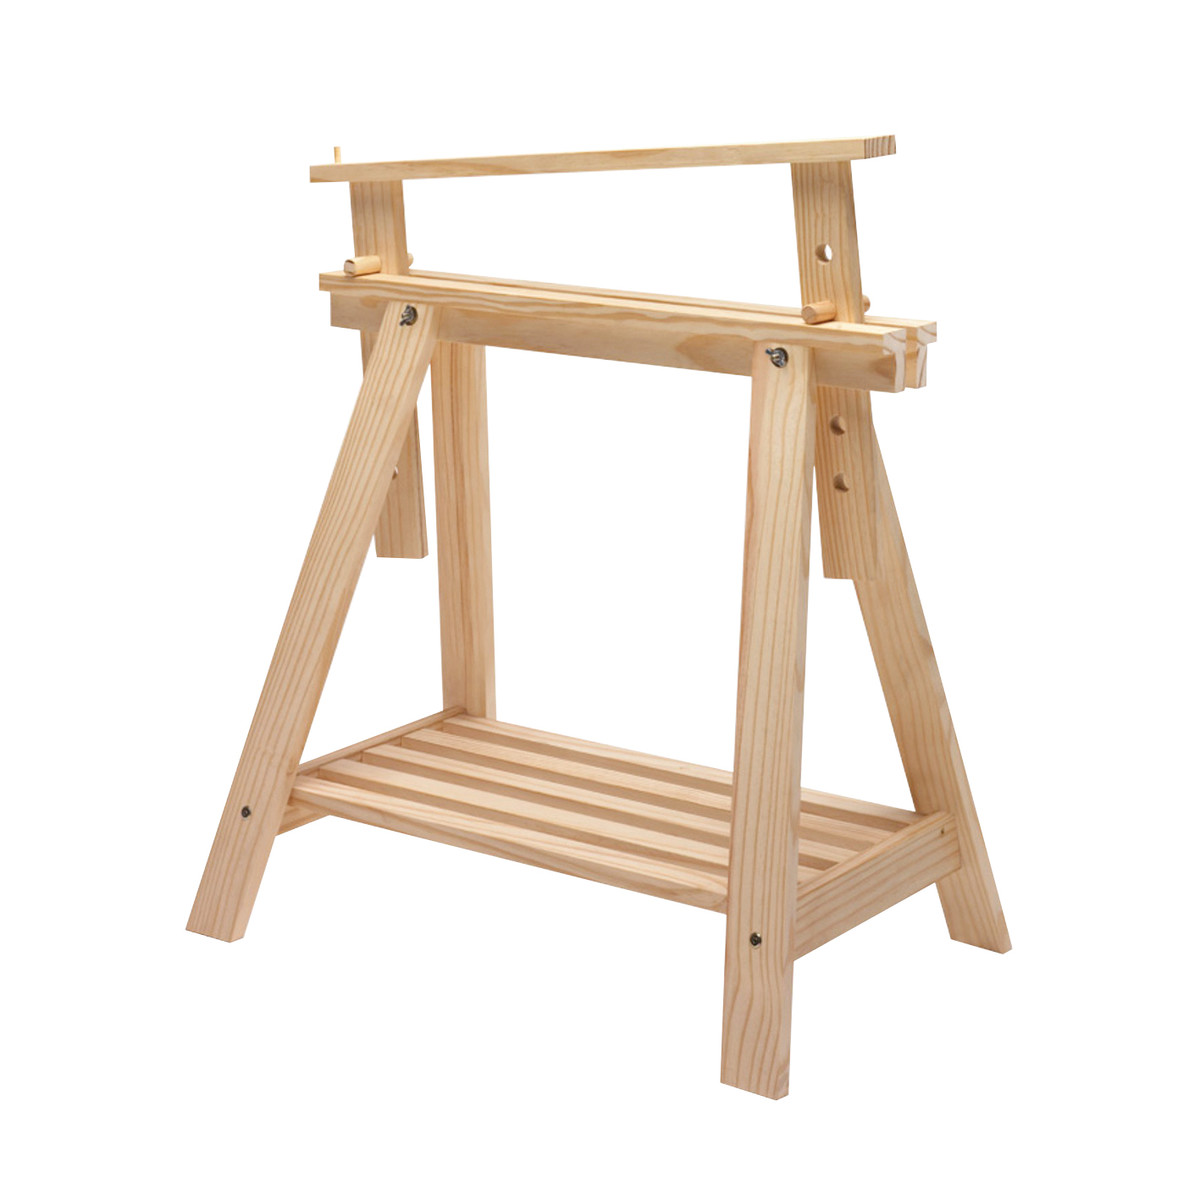 Cavalletto pino archi tec h 70 x p 70 x l 45 cm grezzo for Gambe tavolo legno leroy merlin